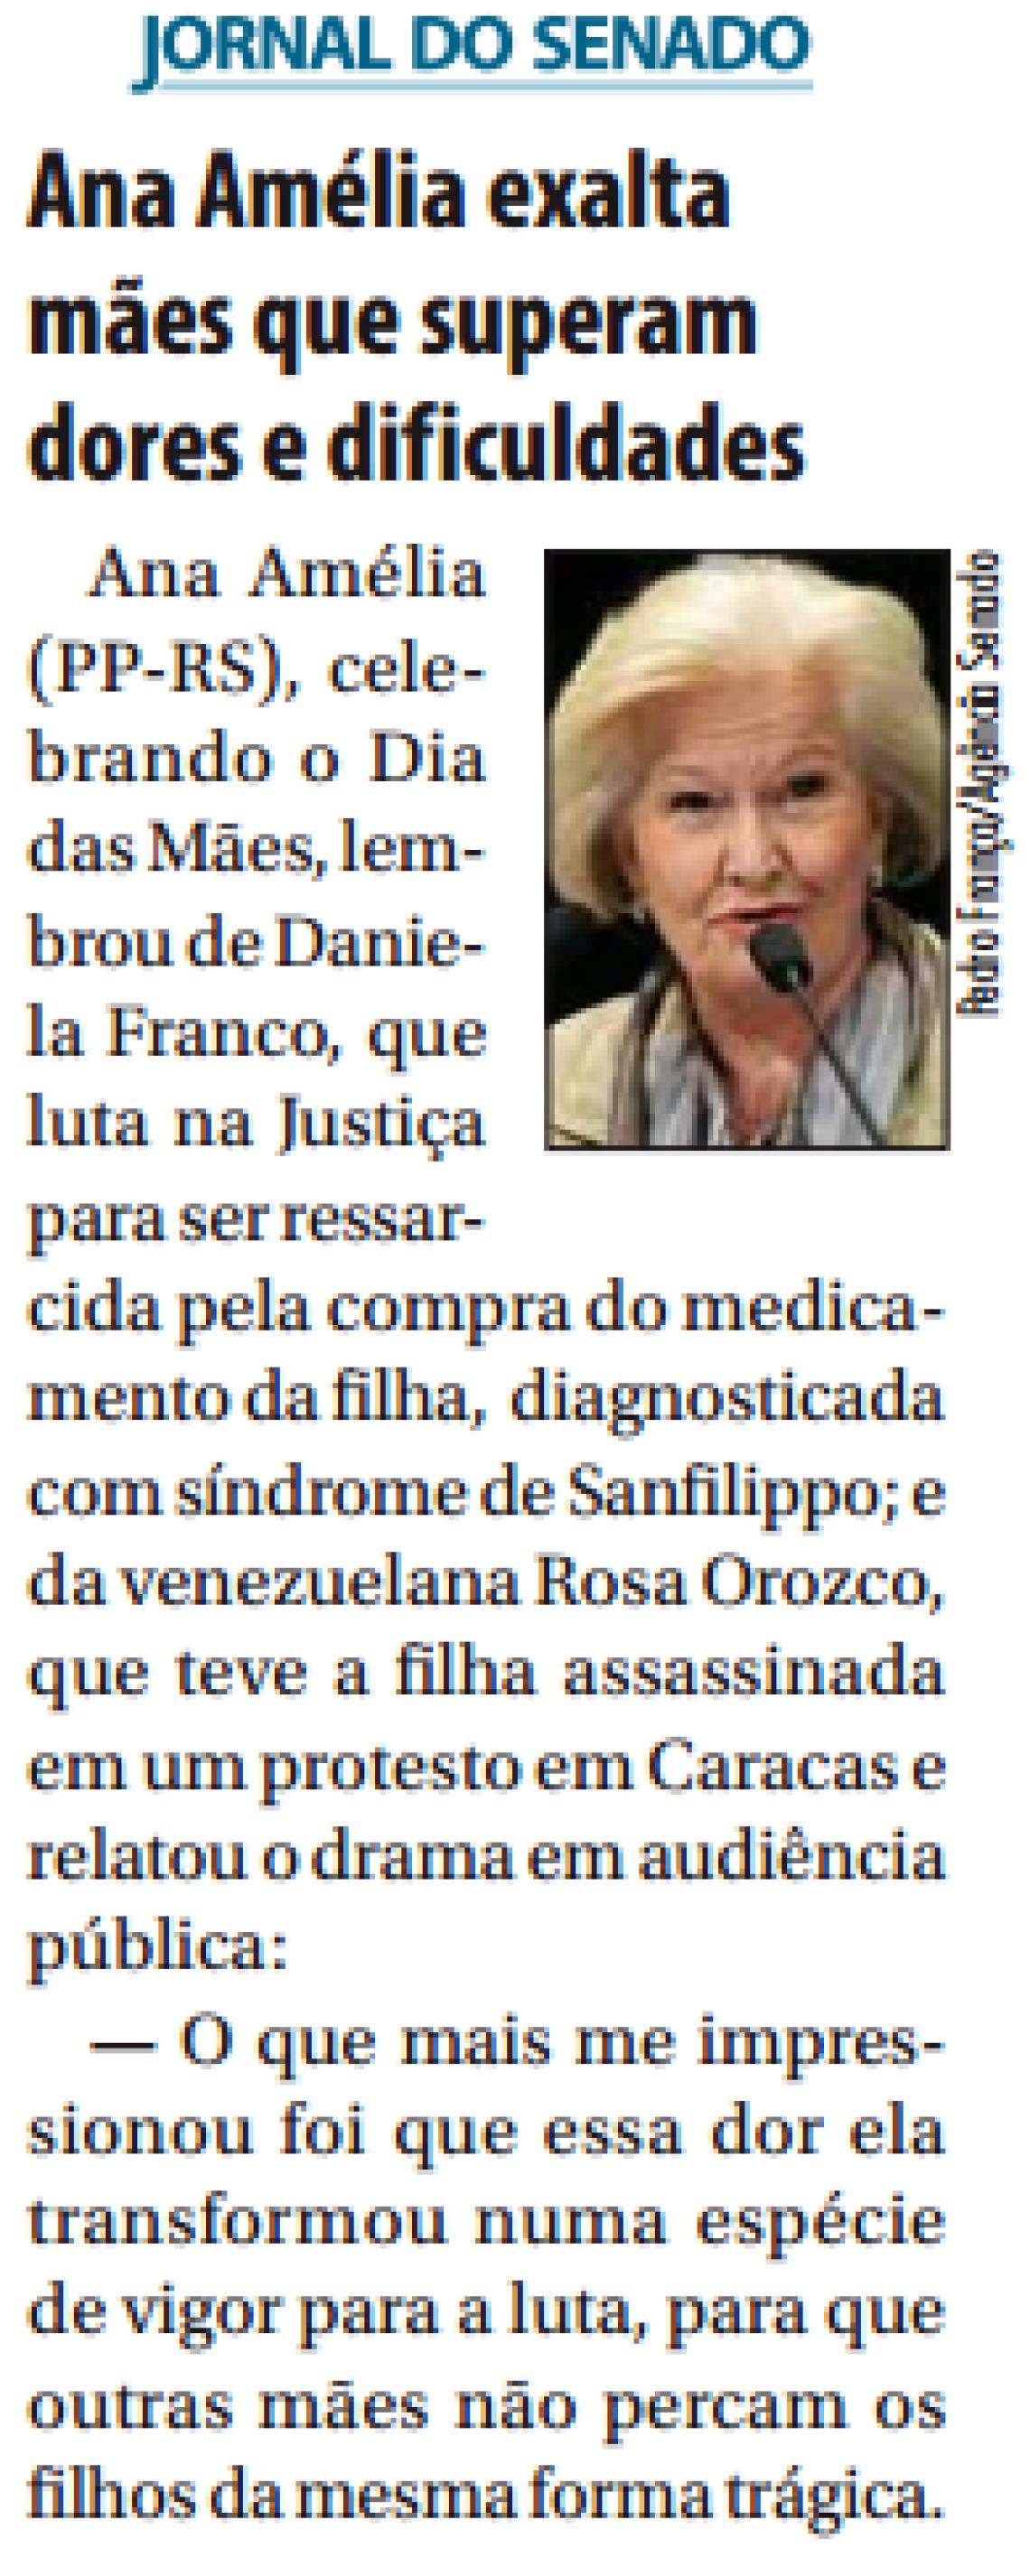 Jornal do Senado: Ana Amélia exalta mães que superam dores e dificuldades